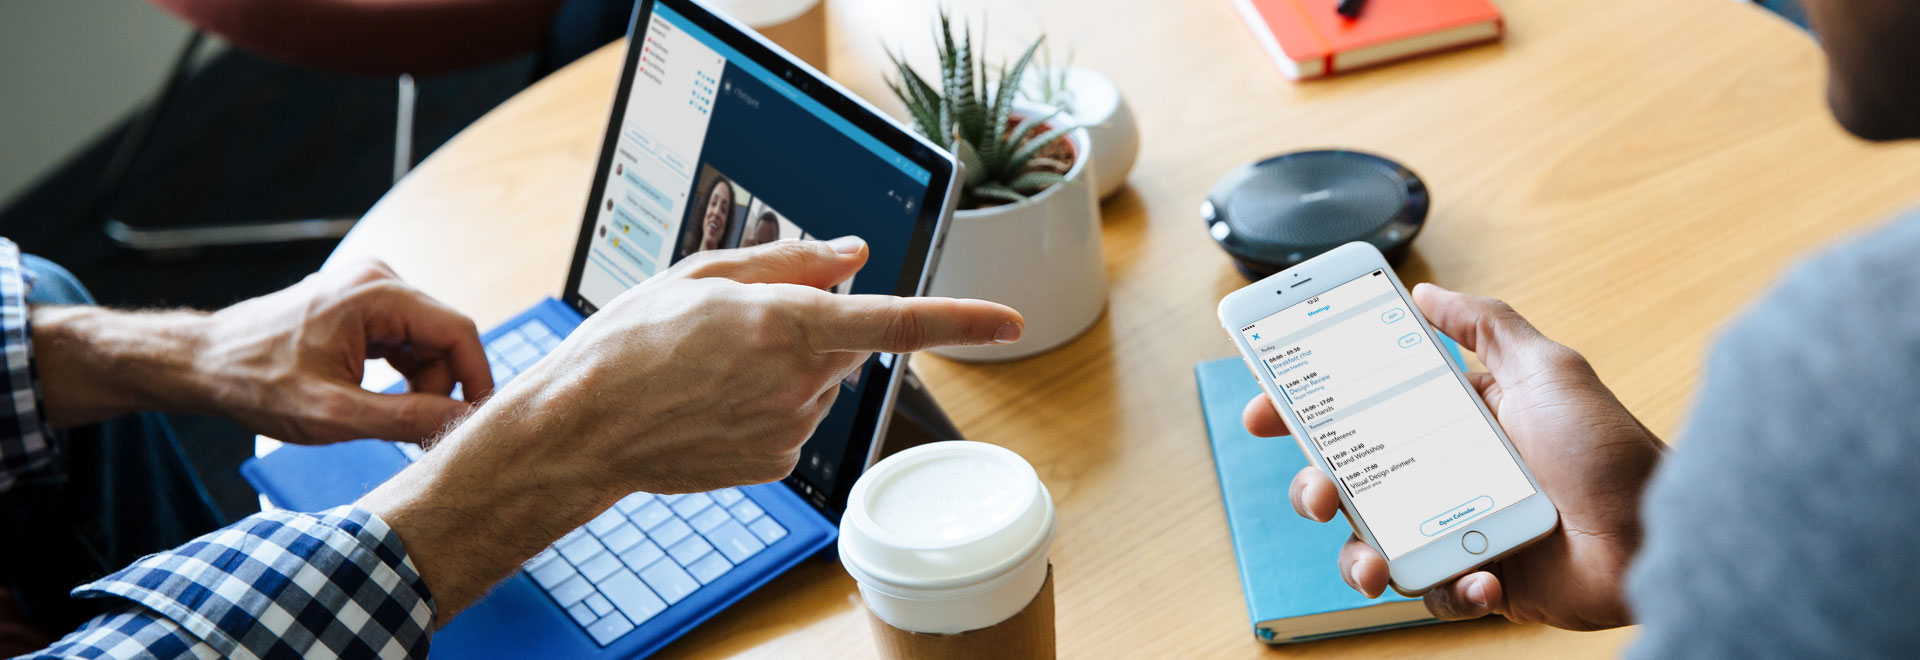 Twee mensen aan een bureau, een met een telefoon en een met een laptop die Skype voor Bedrijven gebruiken